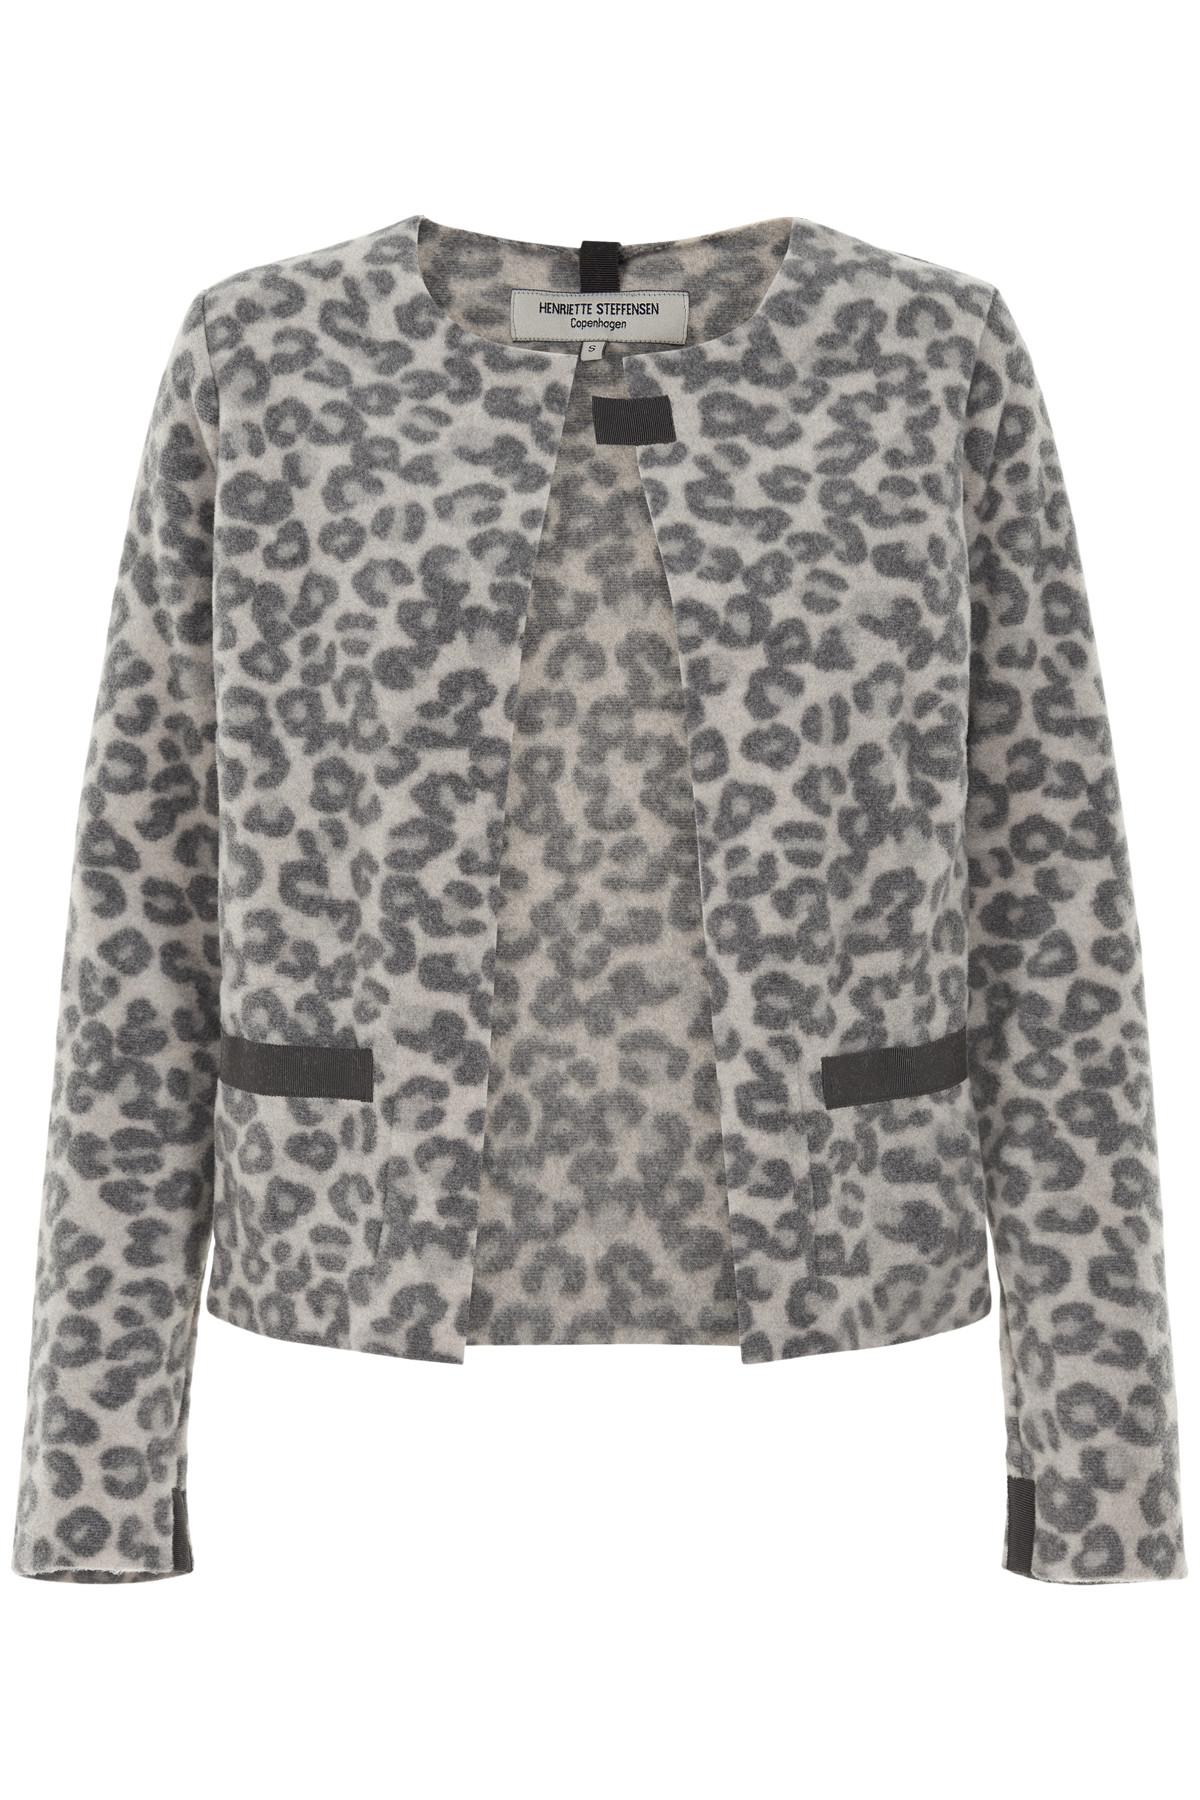 Image of   HENRIETTE STEFFENSEN Copenhagen 7109 CARDIGAN LEOPARD (Leopard, M)